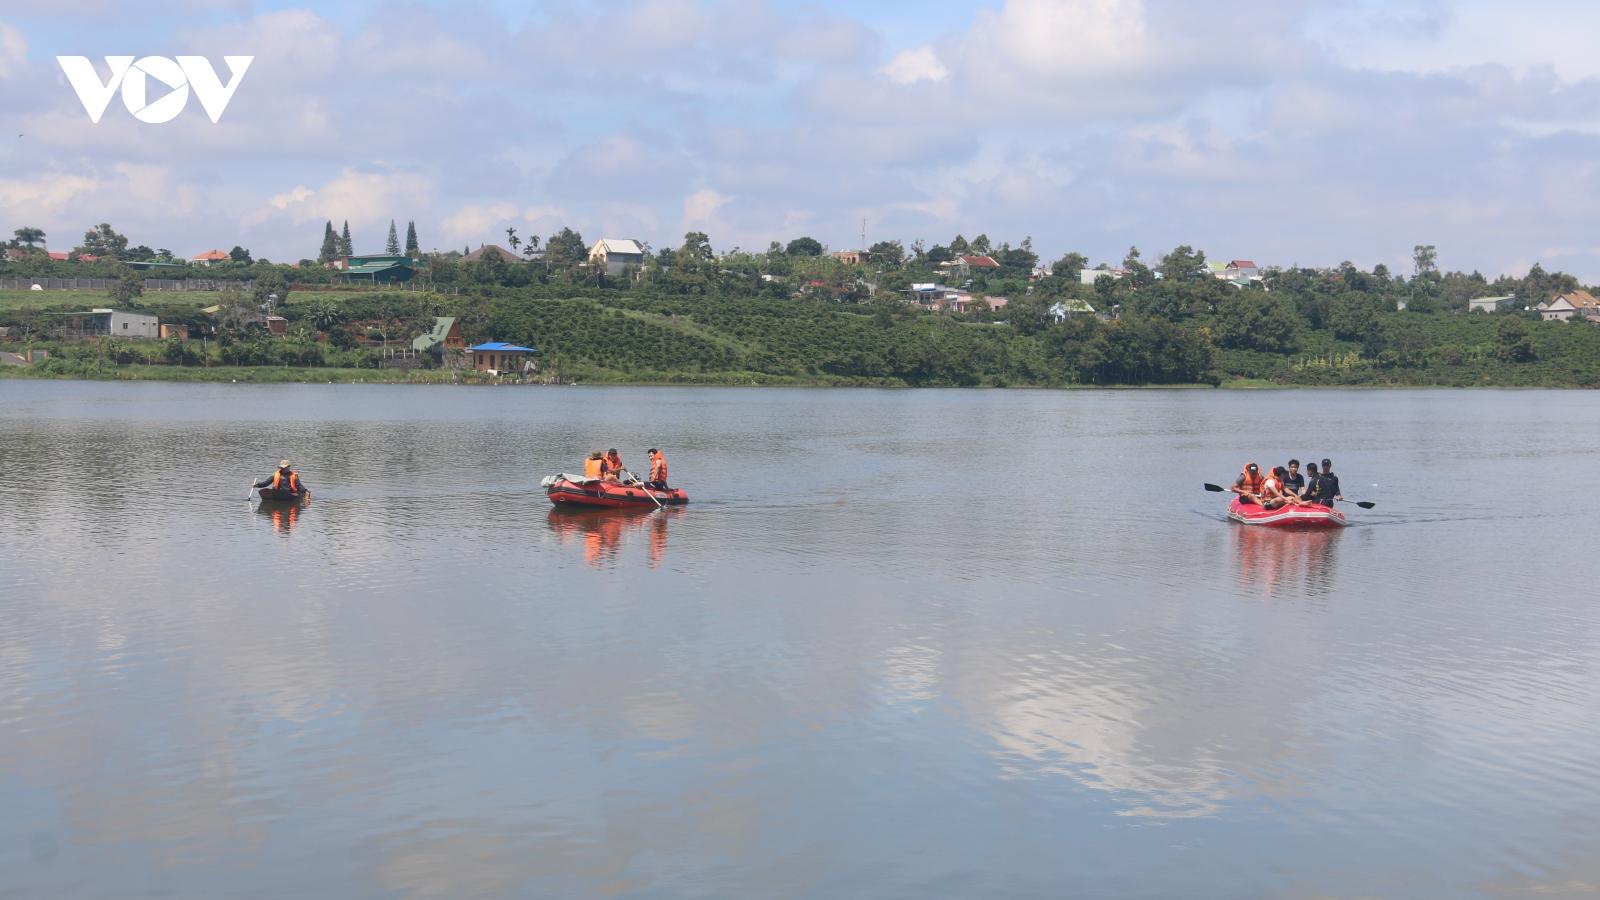 Lật xuồng trên hồ thủy lợi khiến 1 người mất tích